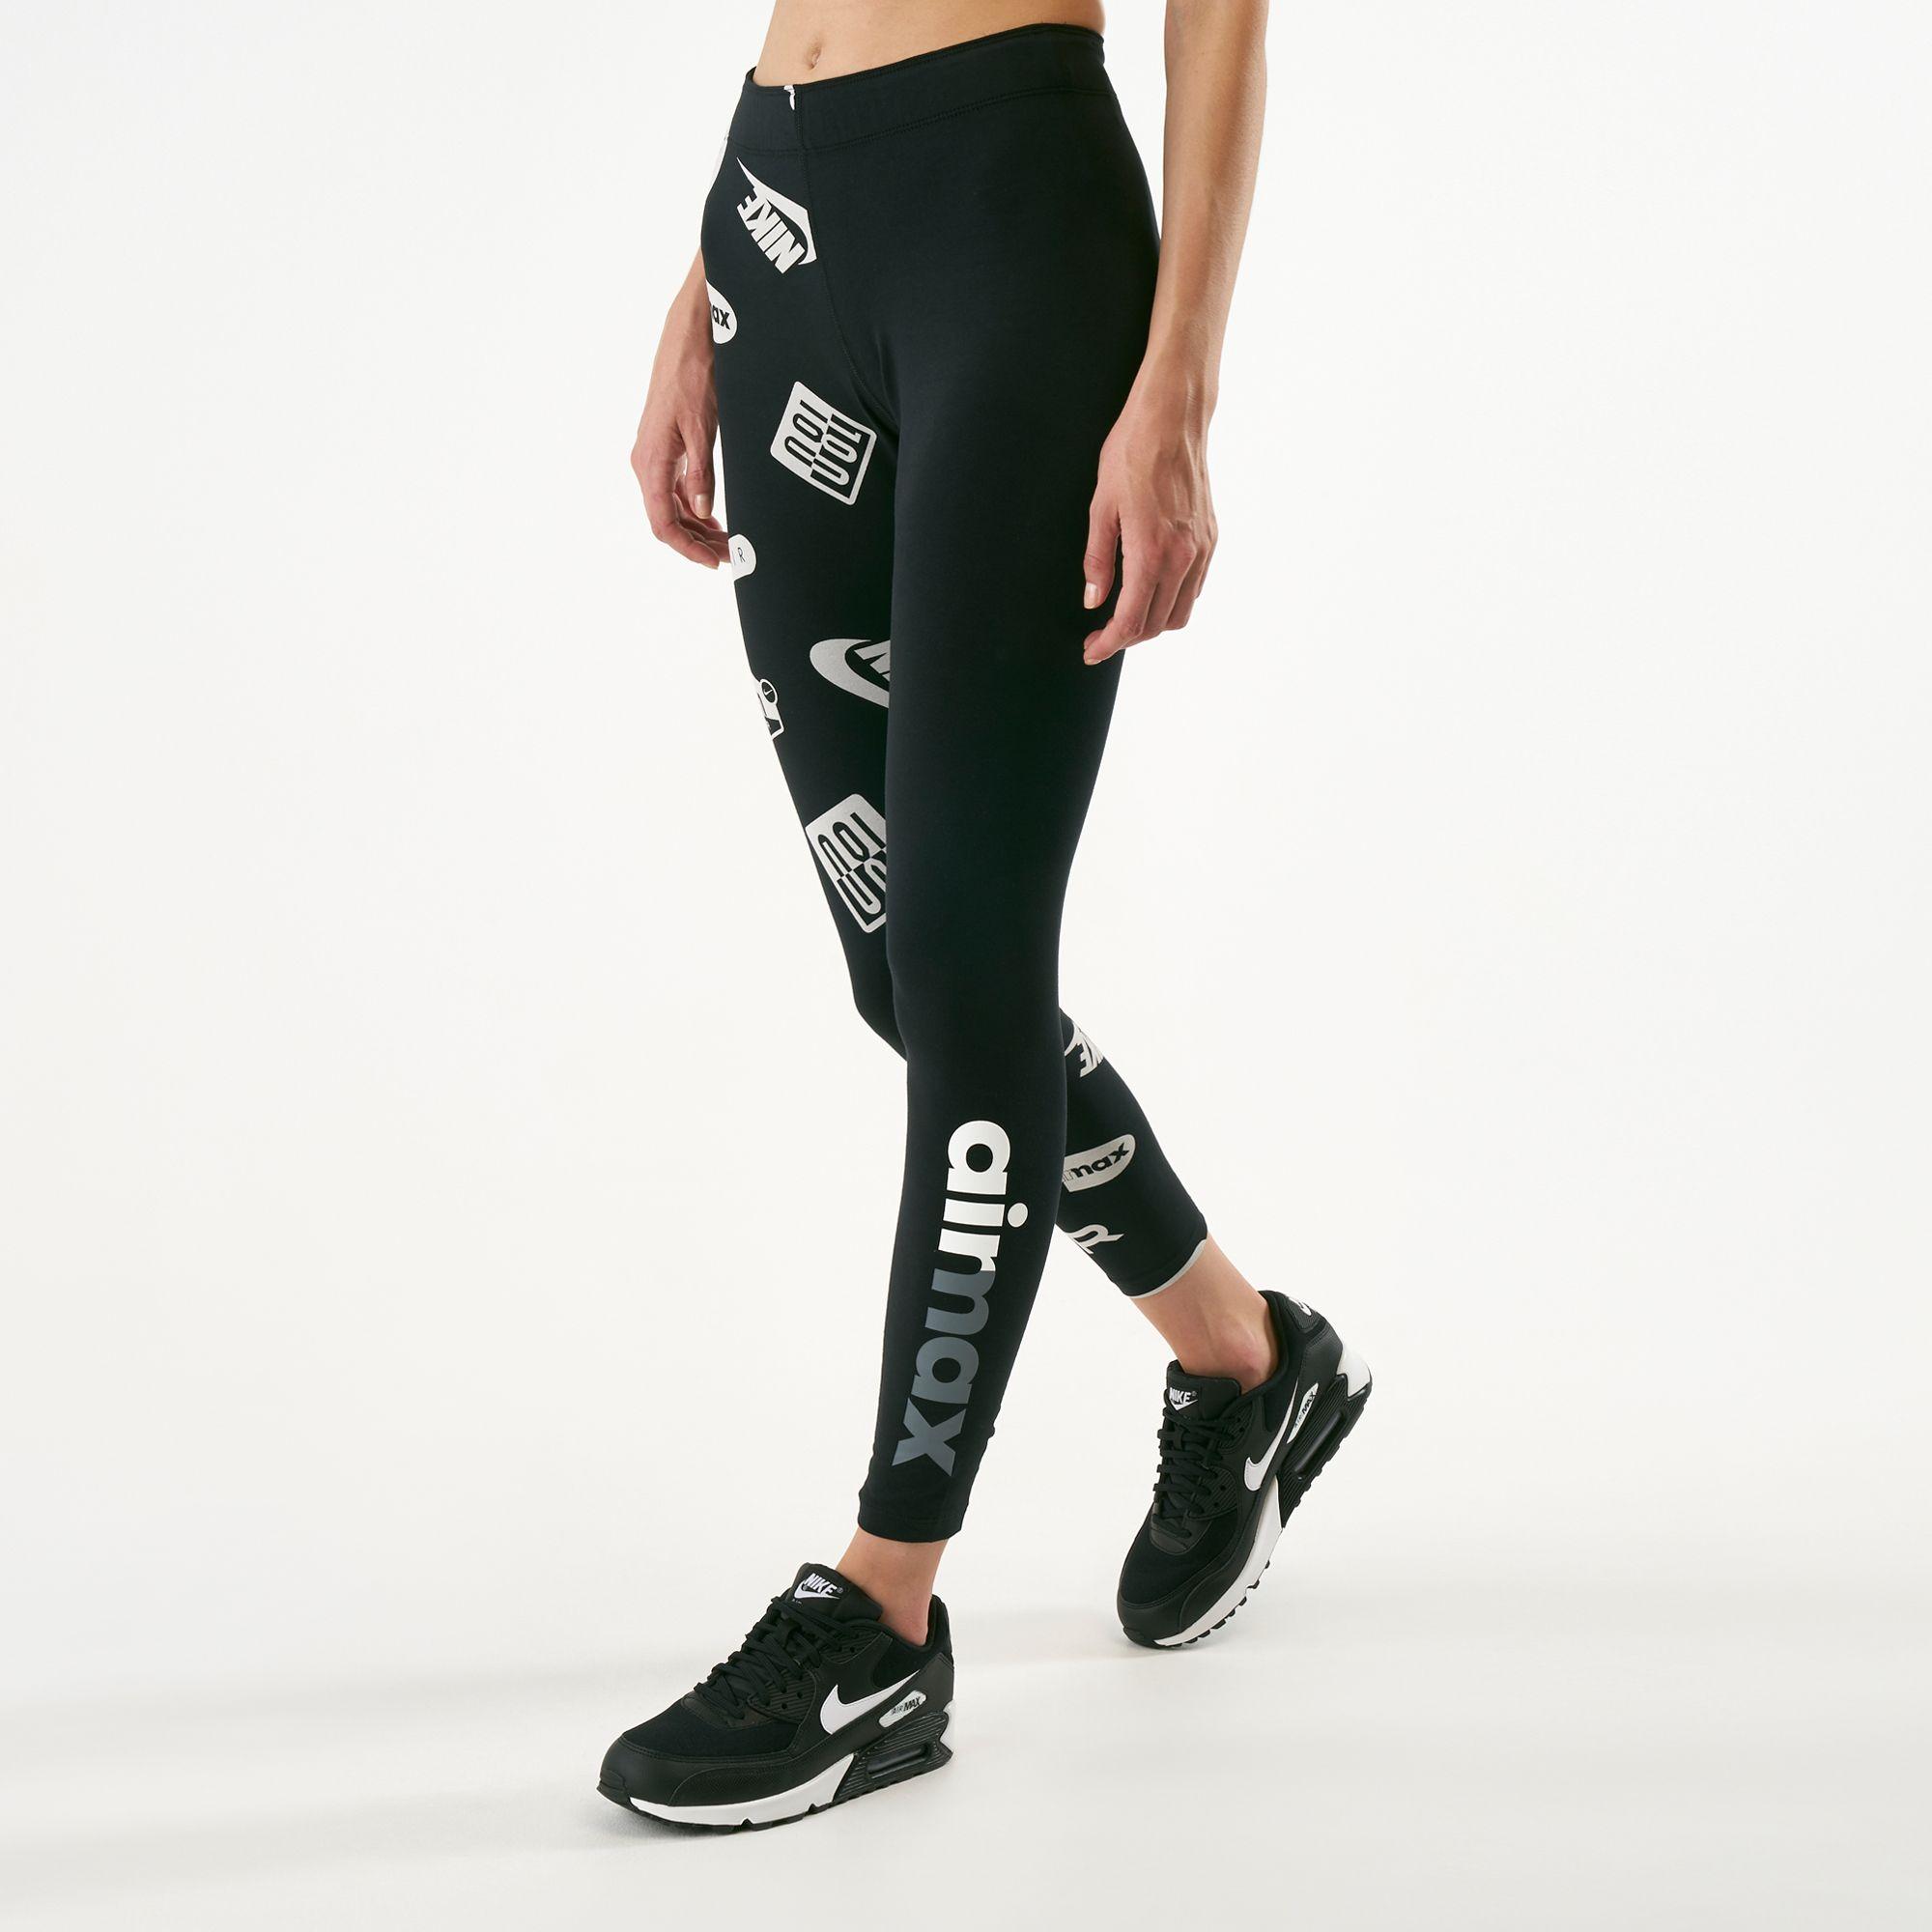 timeless design e8ec9 72433 Nike Women s Sportswear Leg-A-See Air Max Leggings   Full Length Leggings    Leggings   Clothing   Womens   SSS